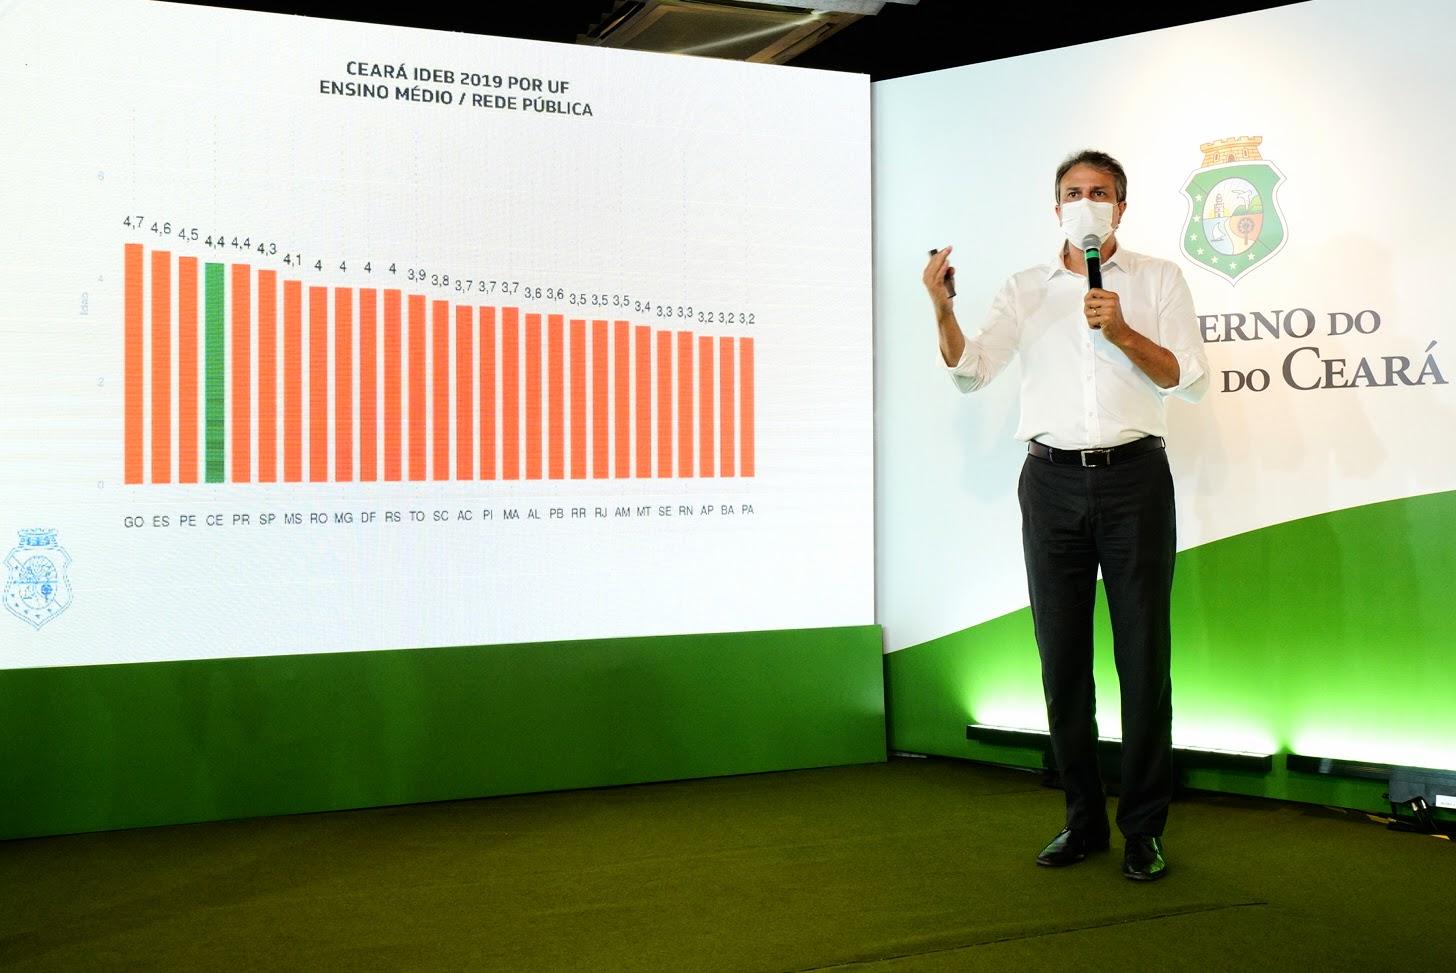 Ceará lidera ranking nacional do Ideb 2019